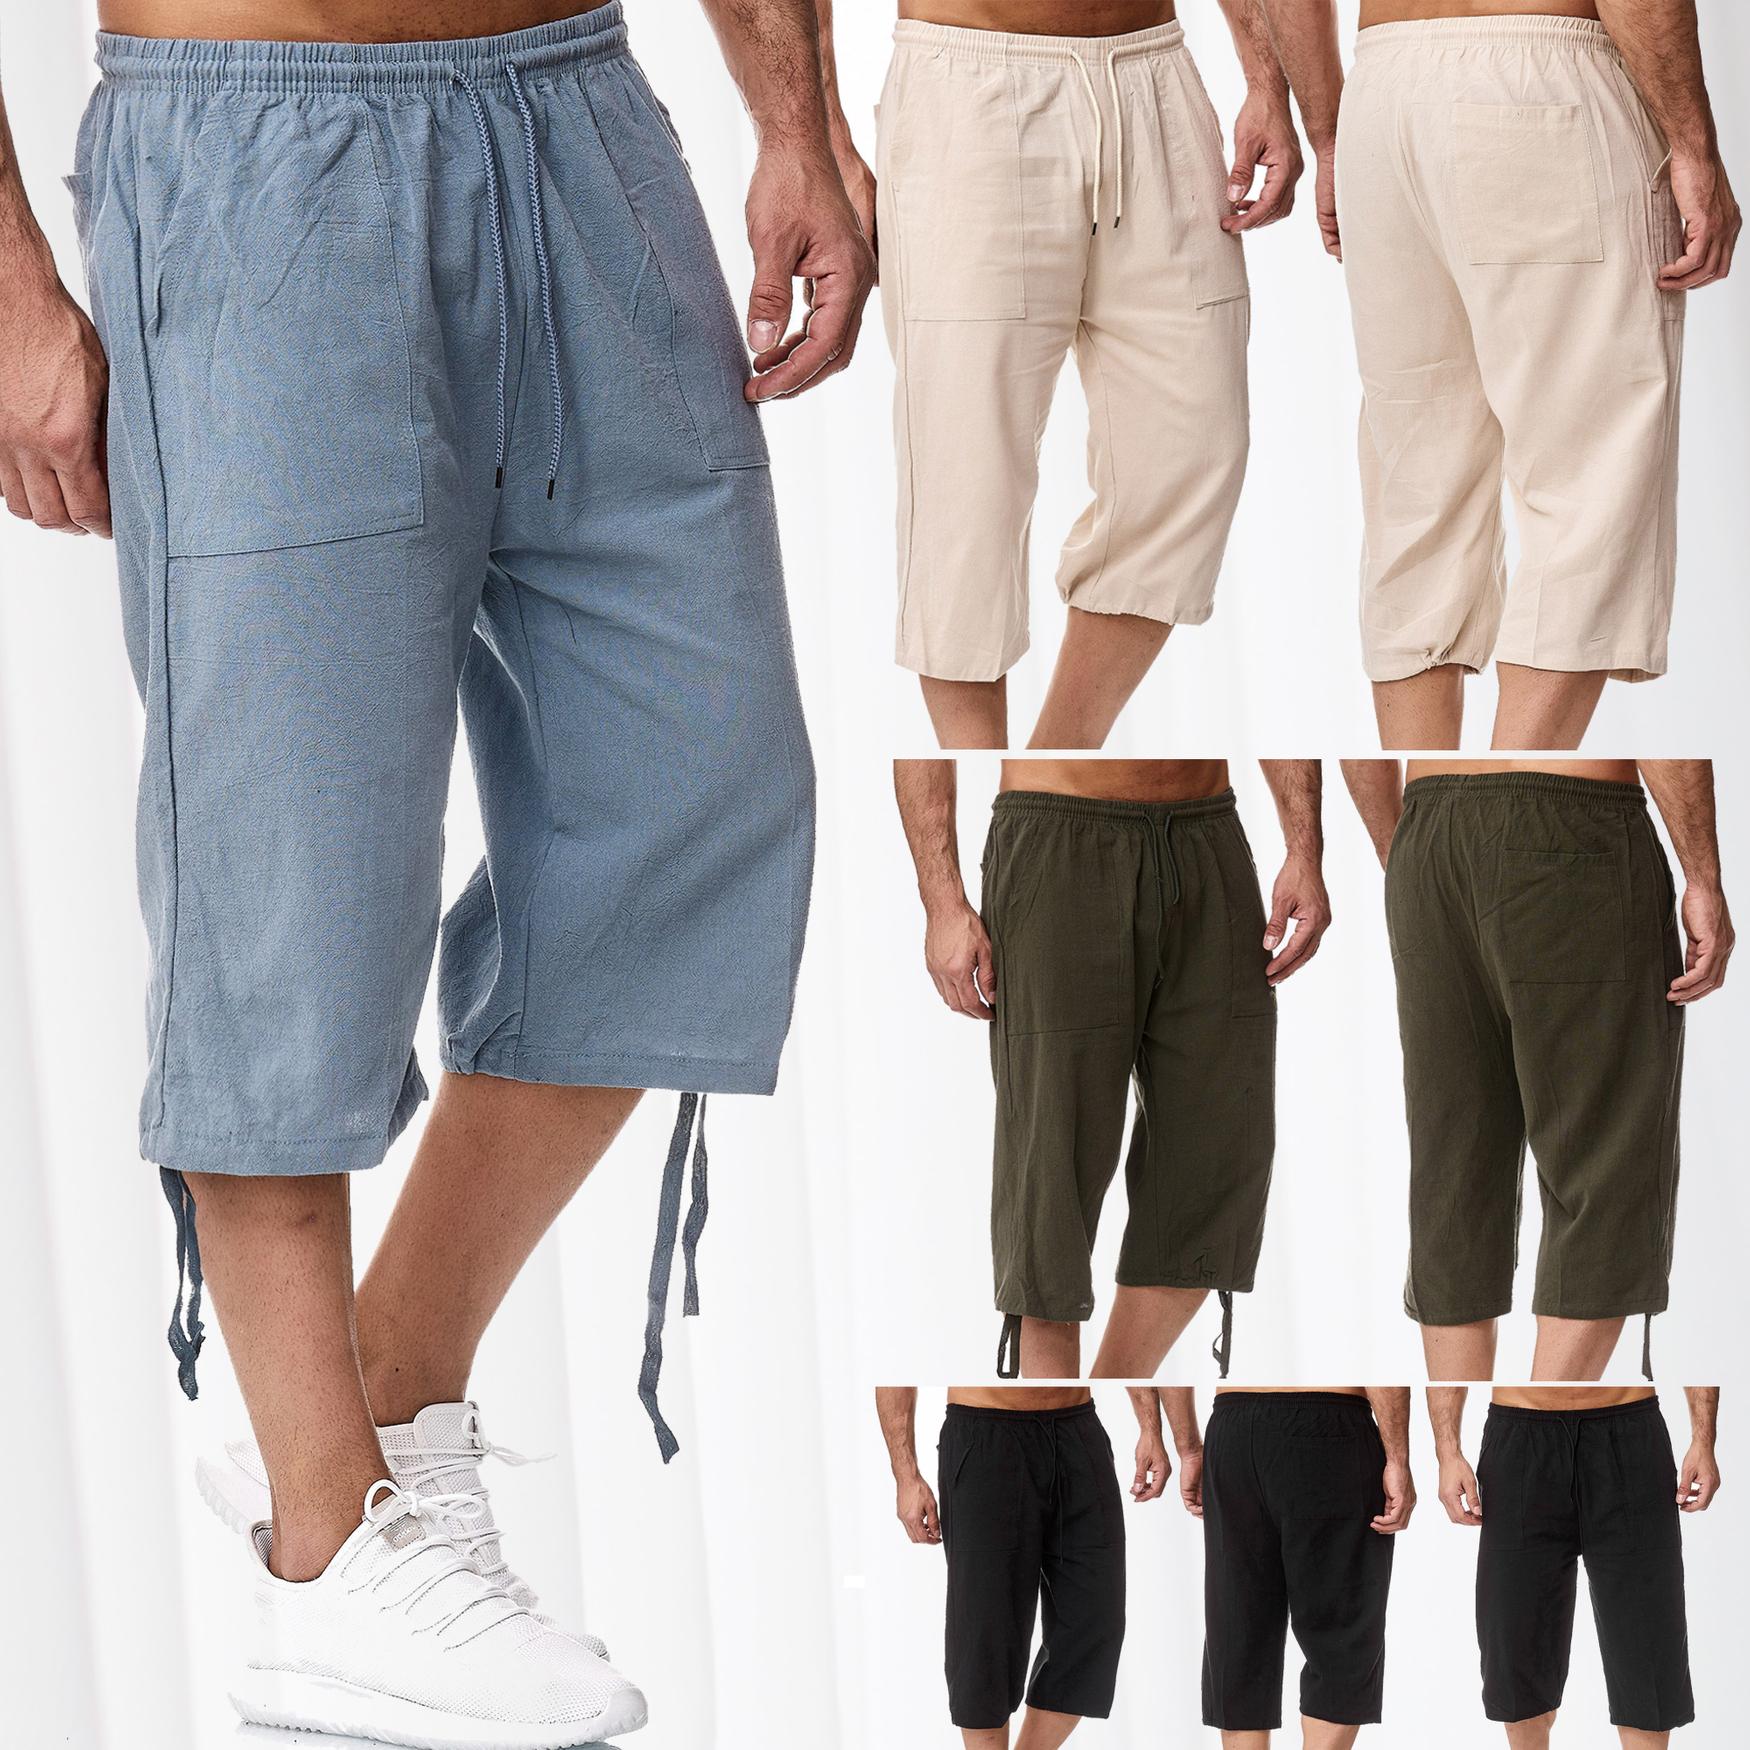 Dettagli su Pantaloncini da uomo 34 Pantaloni corti Bermuda taglio ampio Misto cotone